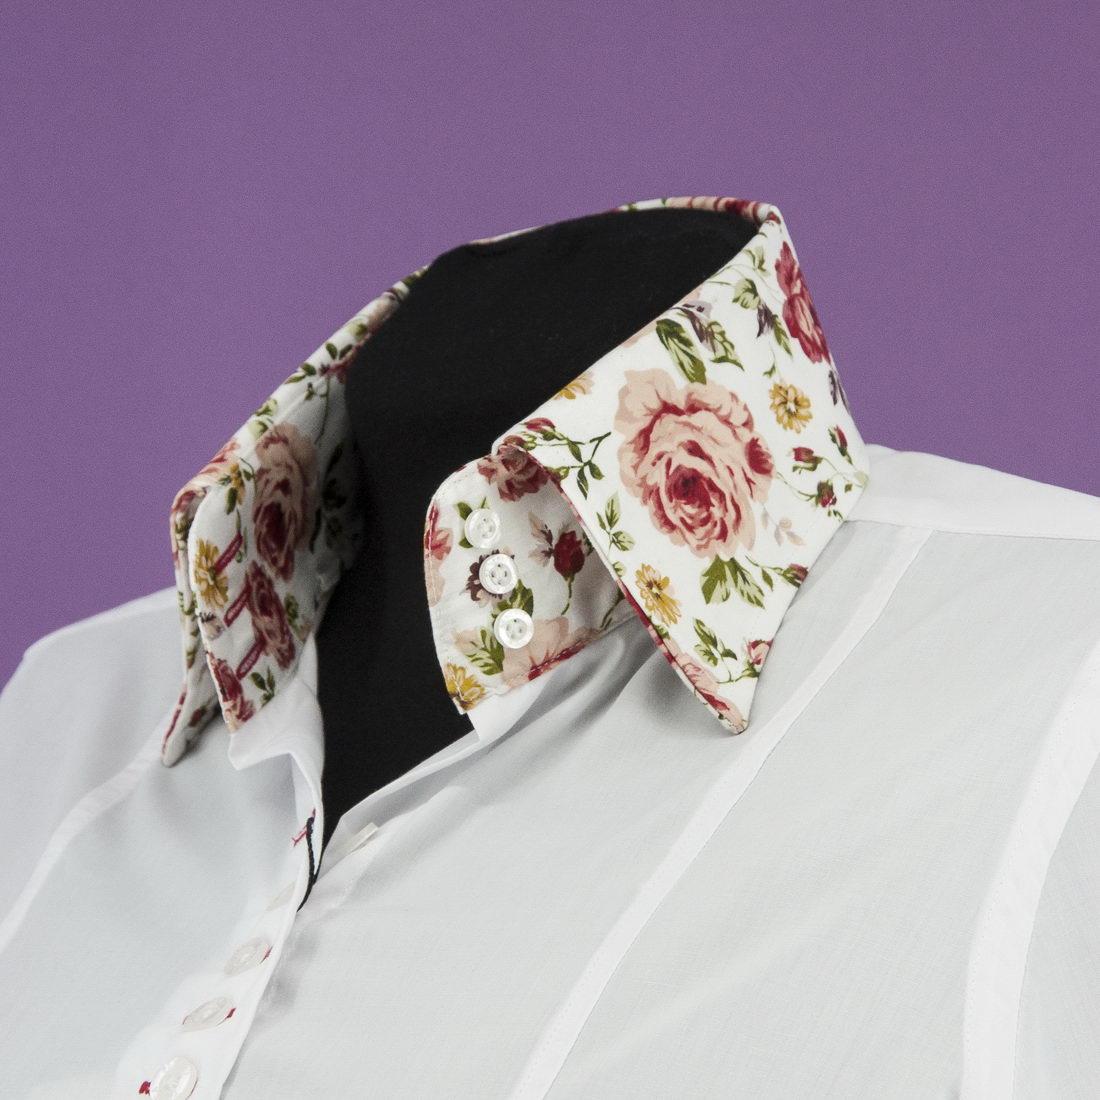 Красивые и стильные мужские рубашки и женские блузки Tunica Benefit и Indumento. Огромный выбор. Есть распродажа! Очень хорошие отзывы! Без рядов! Выкуп 6